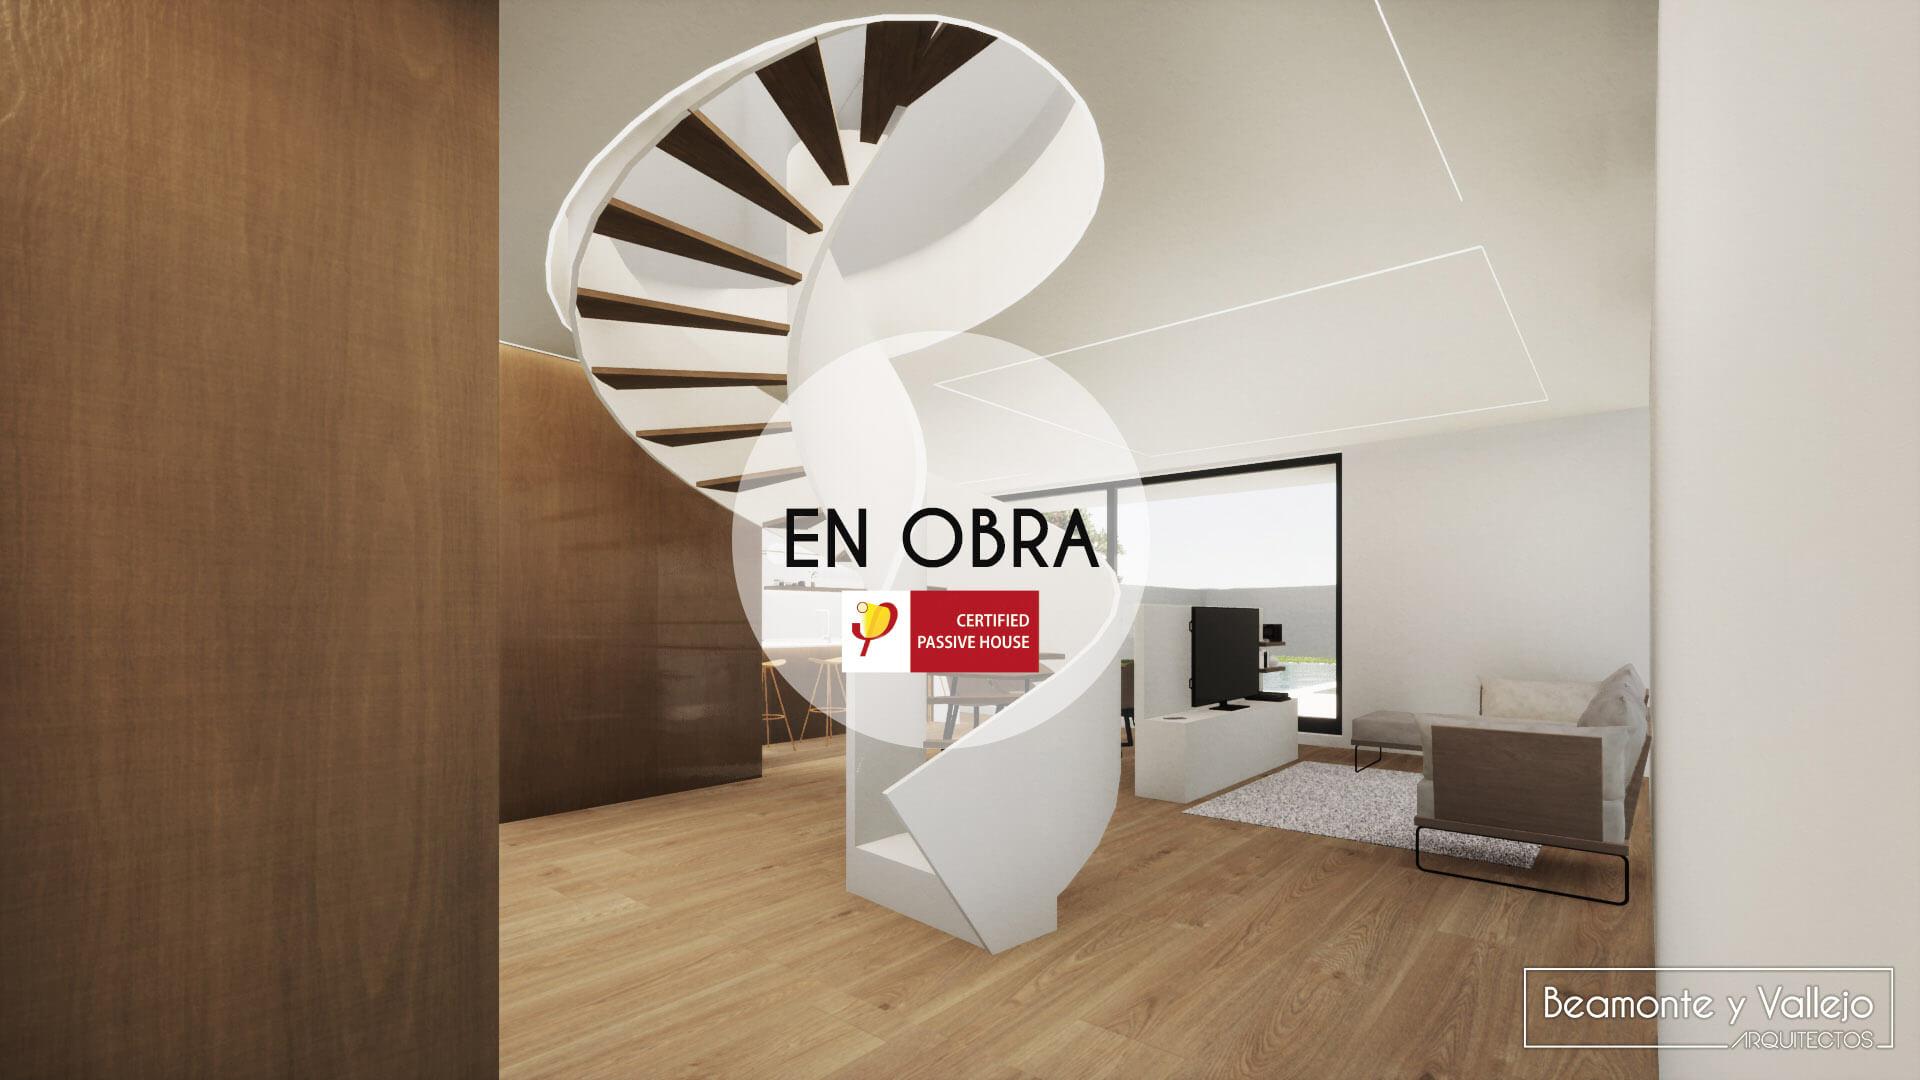 Beamonte y Vallejo arquitectos - Passivhaus Rocafort, Valencia en obra - 5